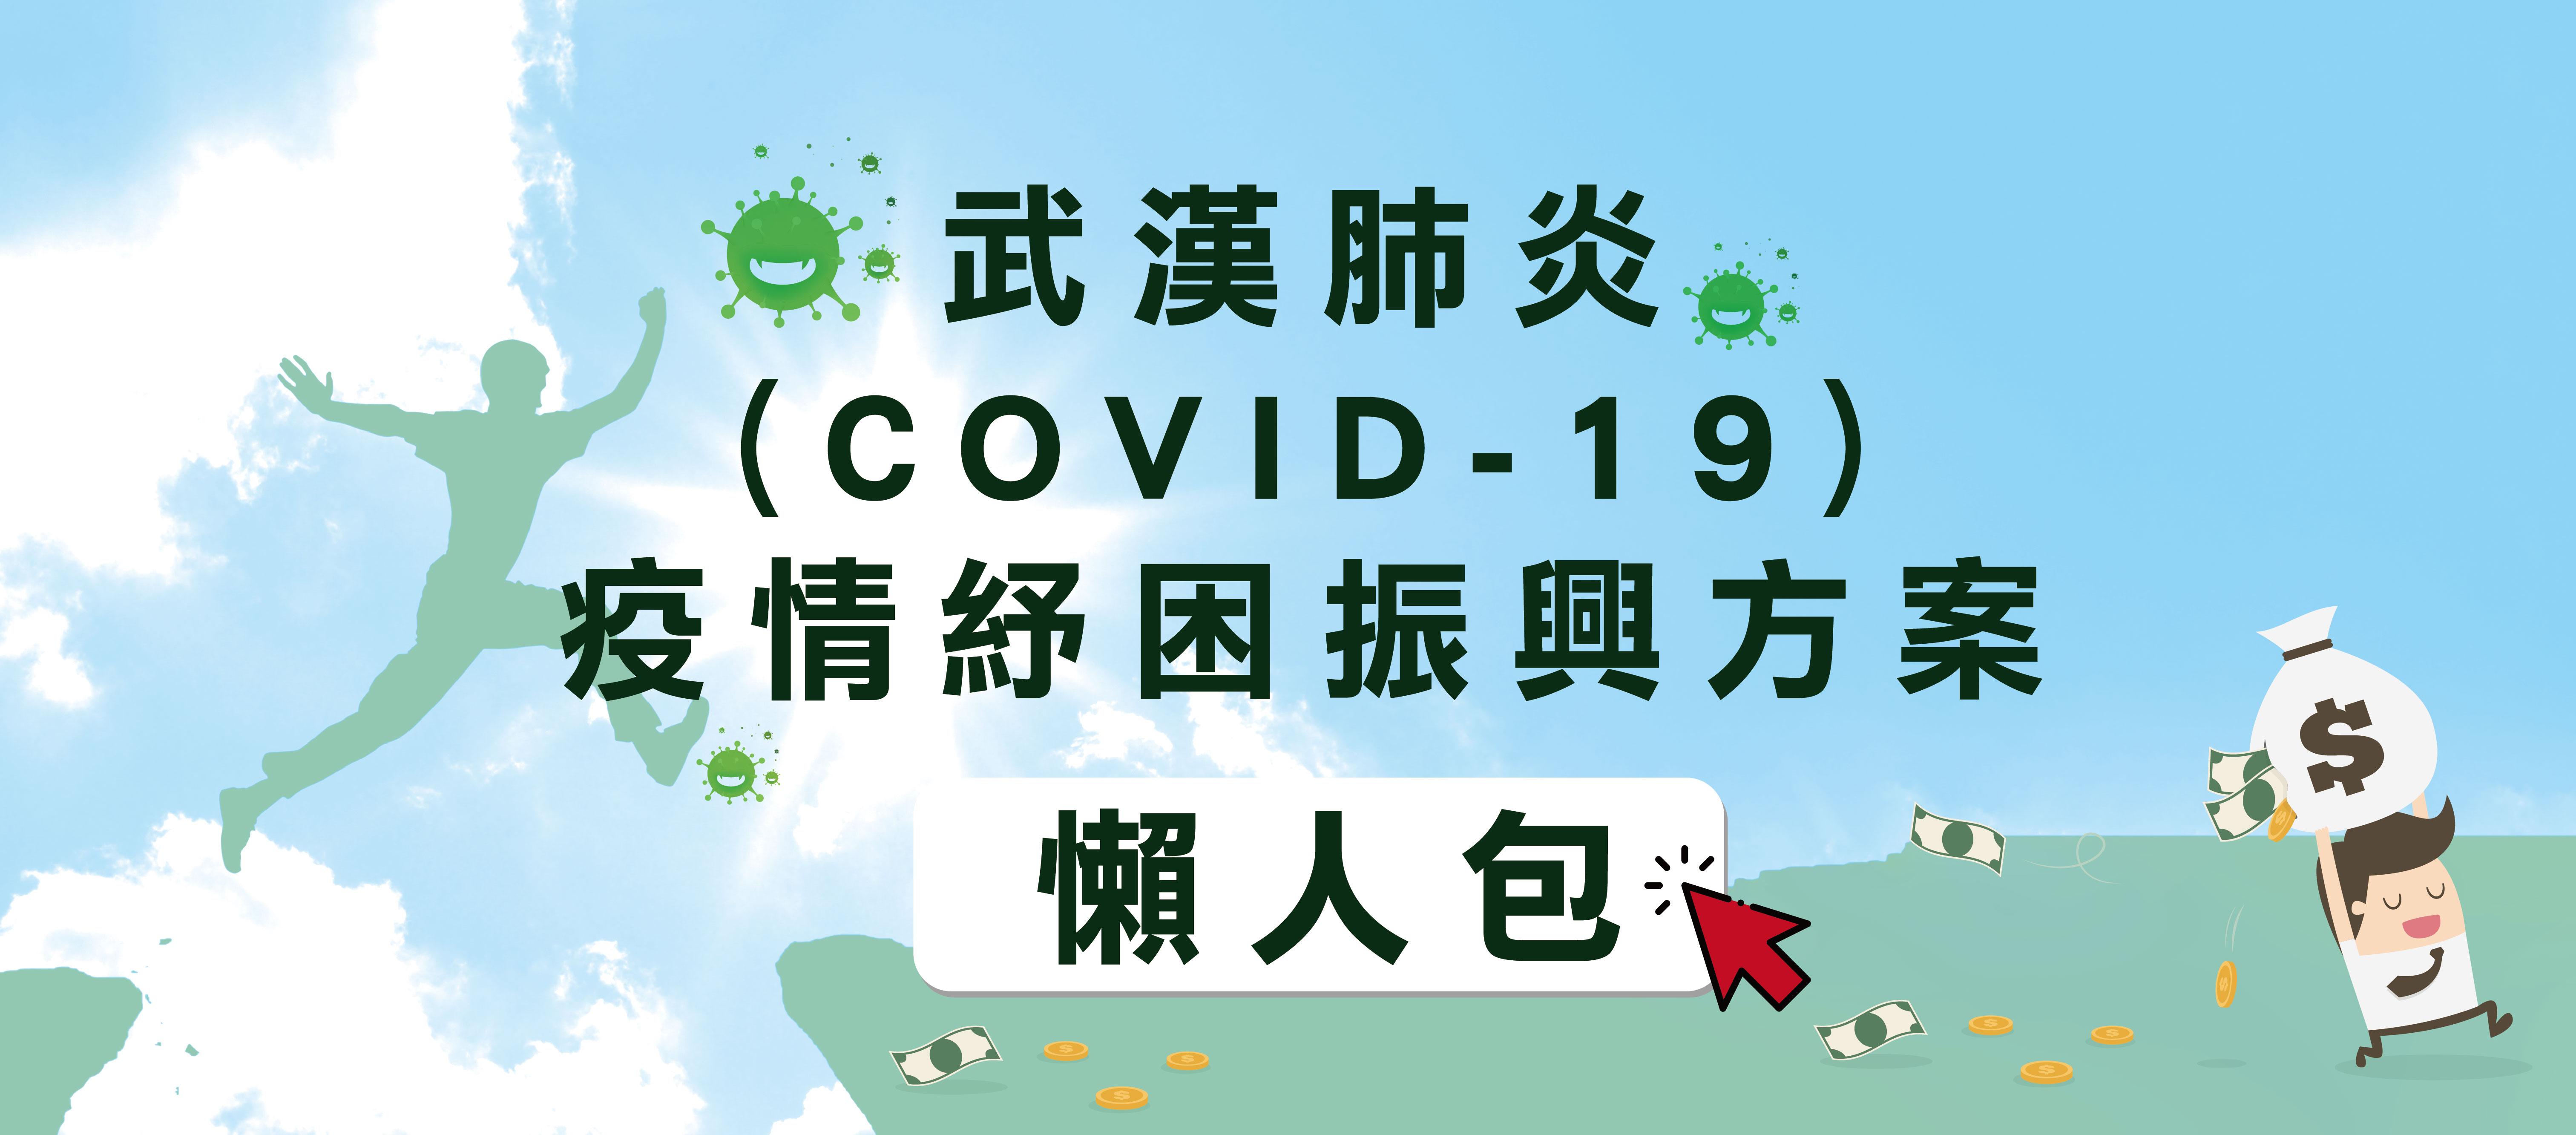 武漢肺炎(COVID-19)疫情紓困振興方案懶人包